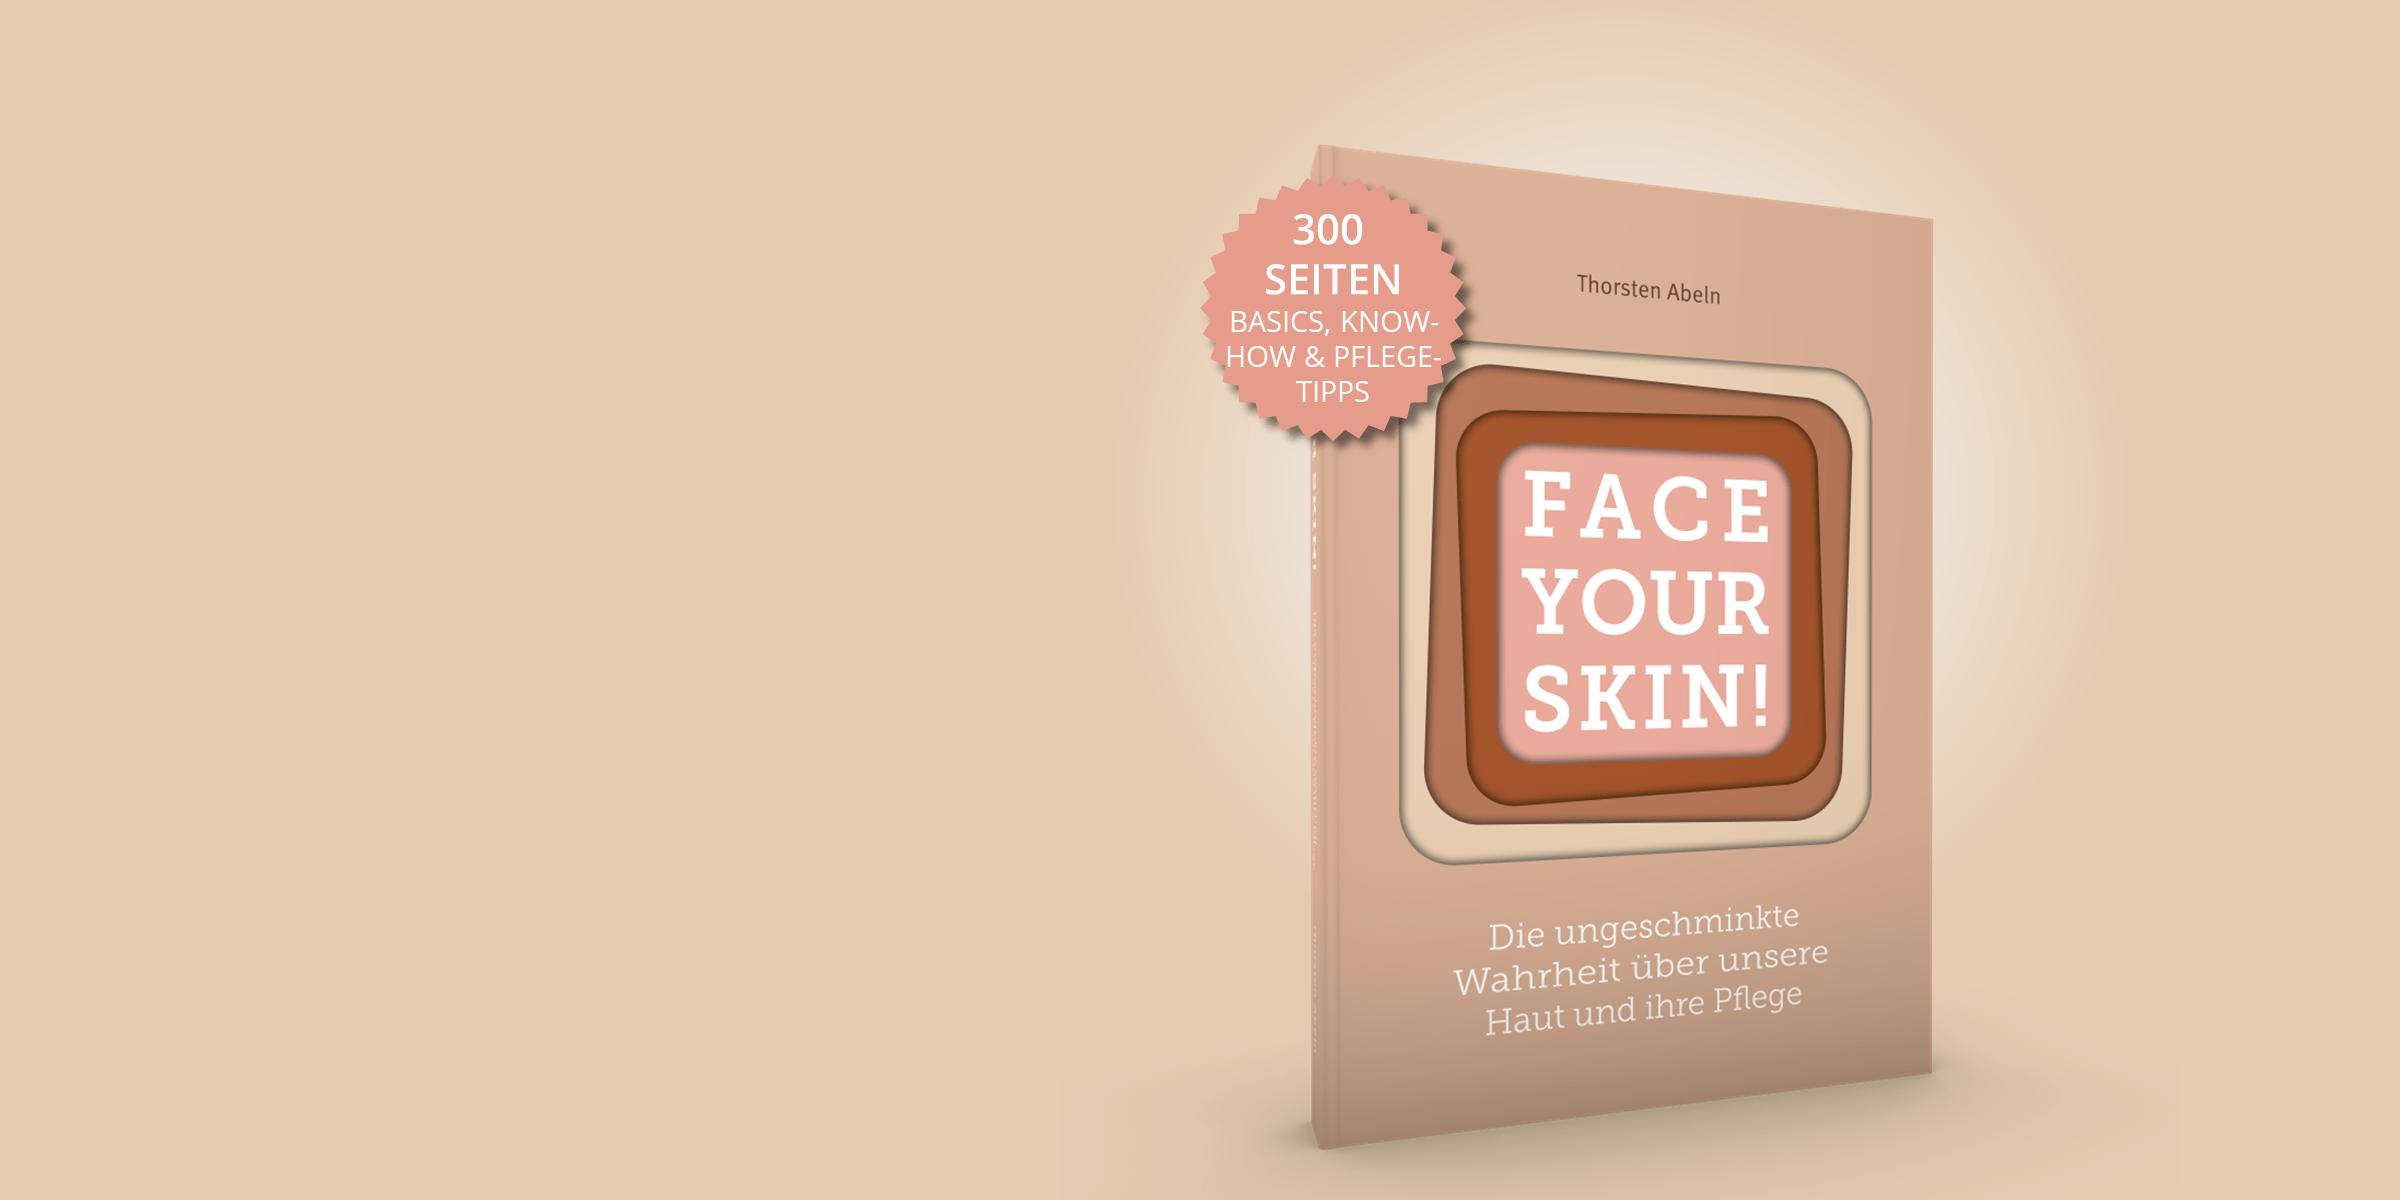 Hautbuch Face your Skin mit Hinweis auf Seitenzahl und Inhalt mit hautfarbenem Hintergrund